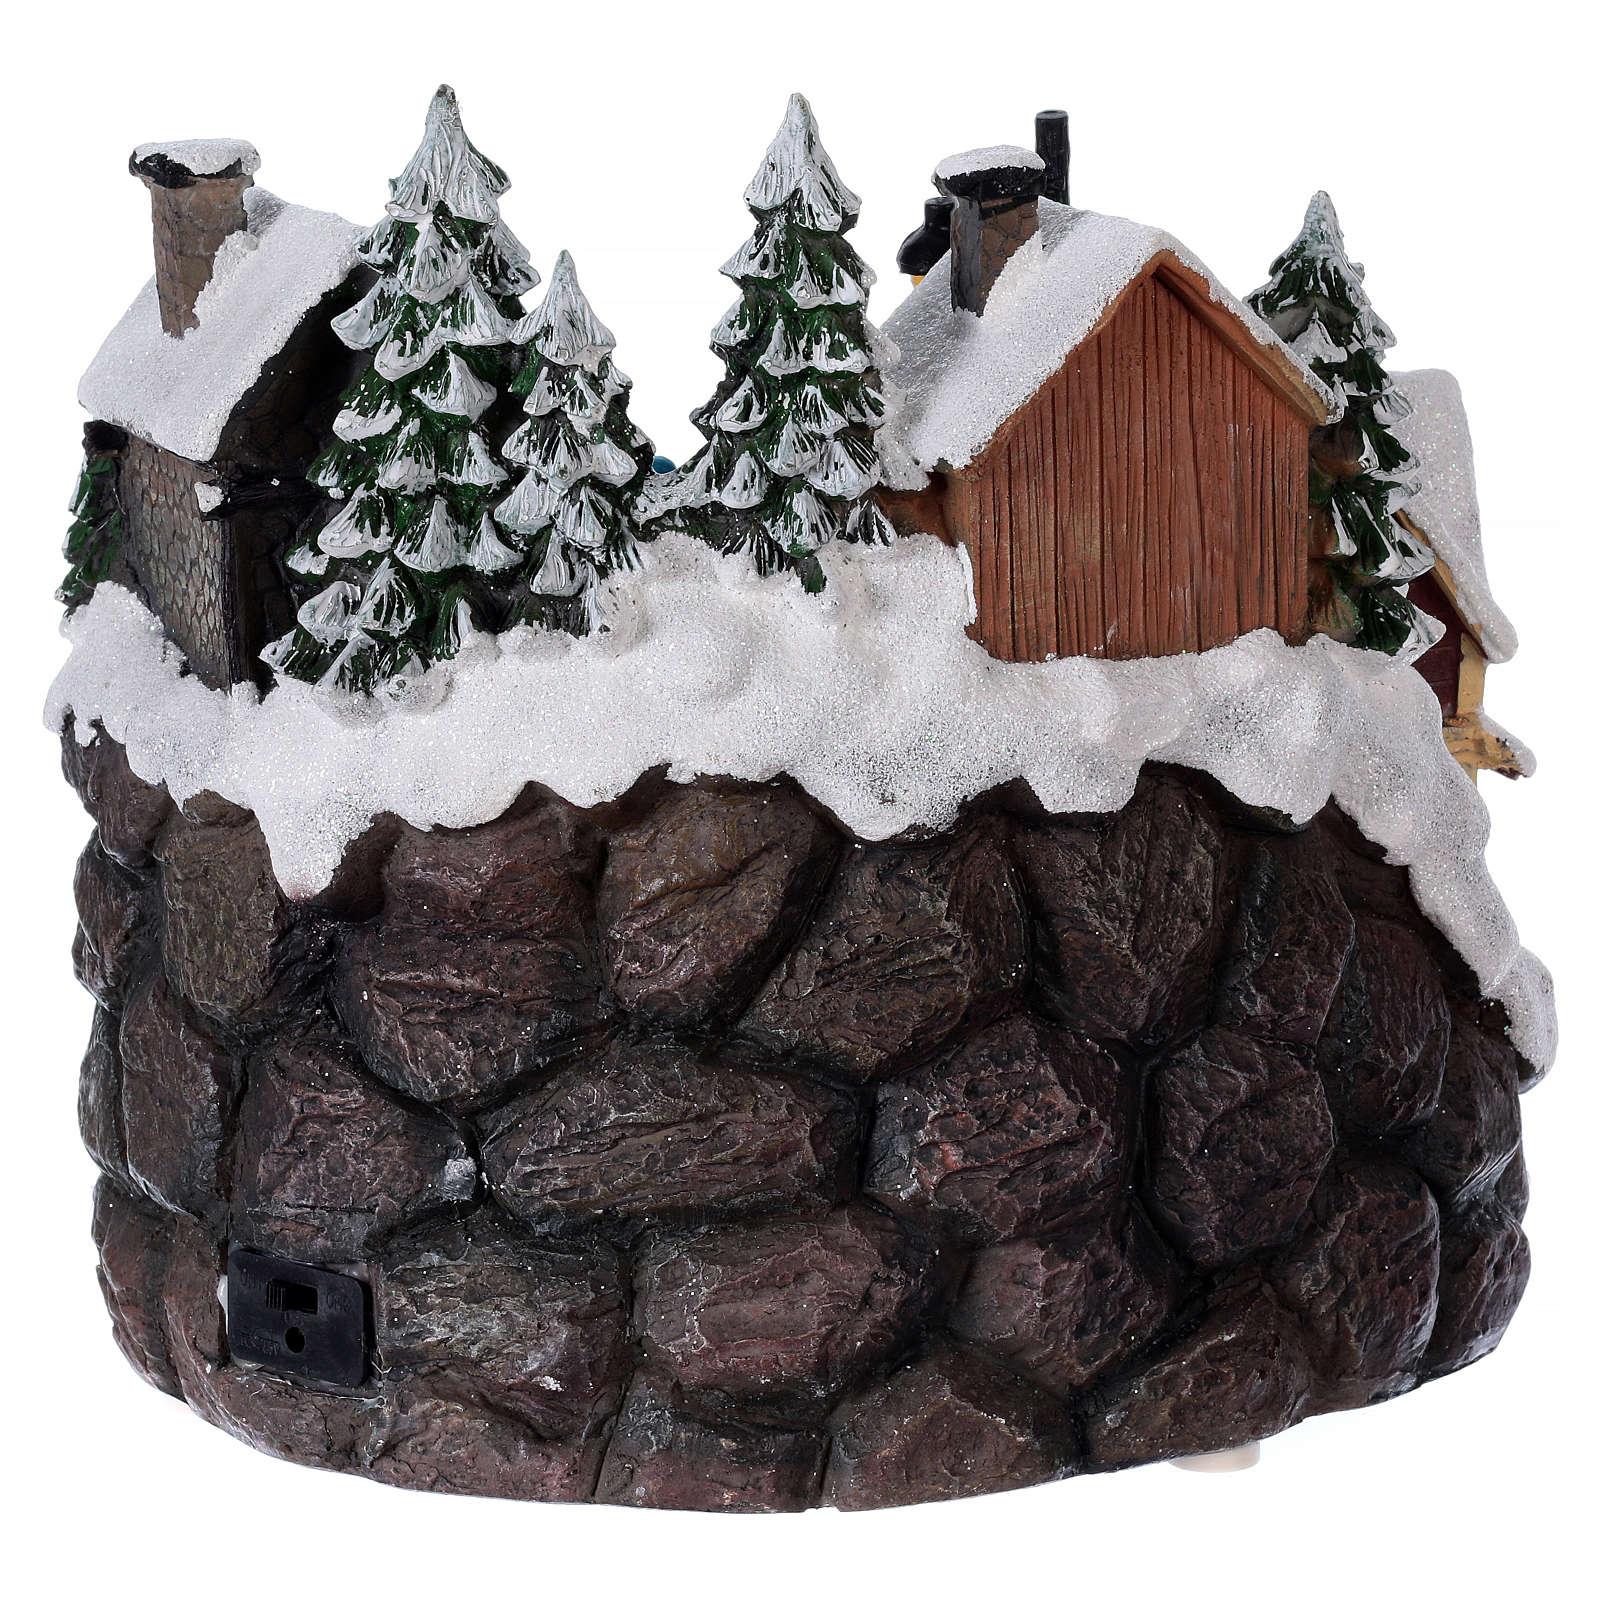 Pueblo navideño luminoso musical movimiento tren lago congelado 23x21x16 cm 3